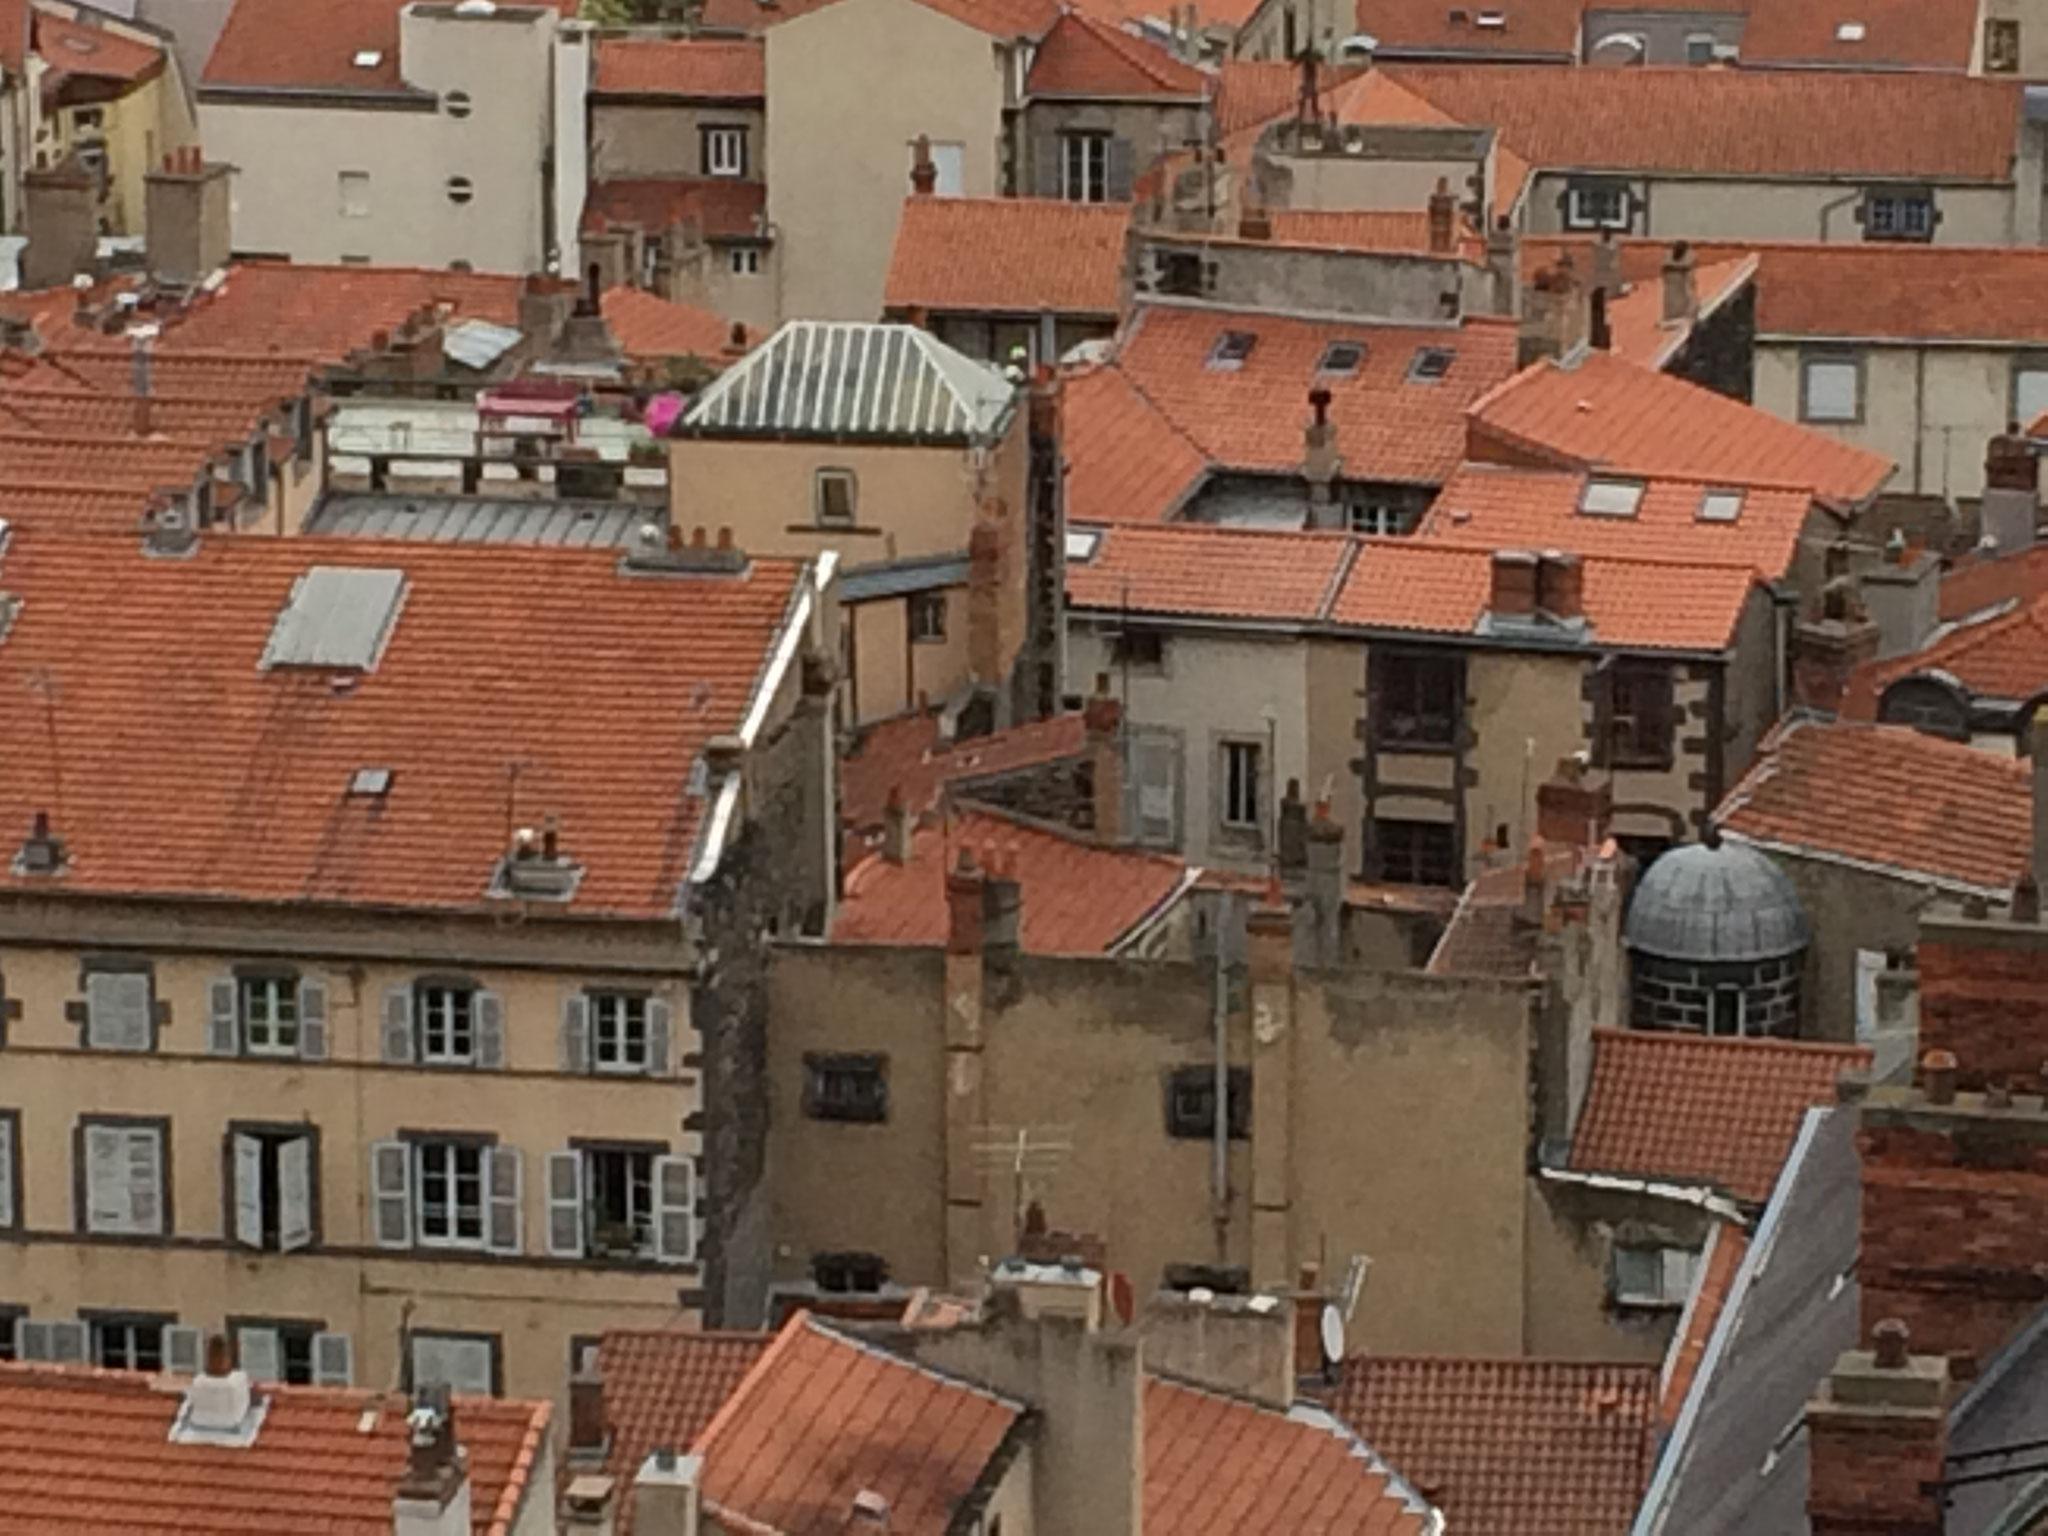 Les toits de Clermont-Ferrand, vus depuis la tour de la Bayette de la cathédrale, à 15 minutes des chambres d'hôtes de la Villa Victoria Auvergne.